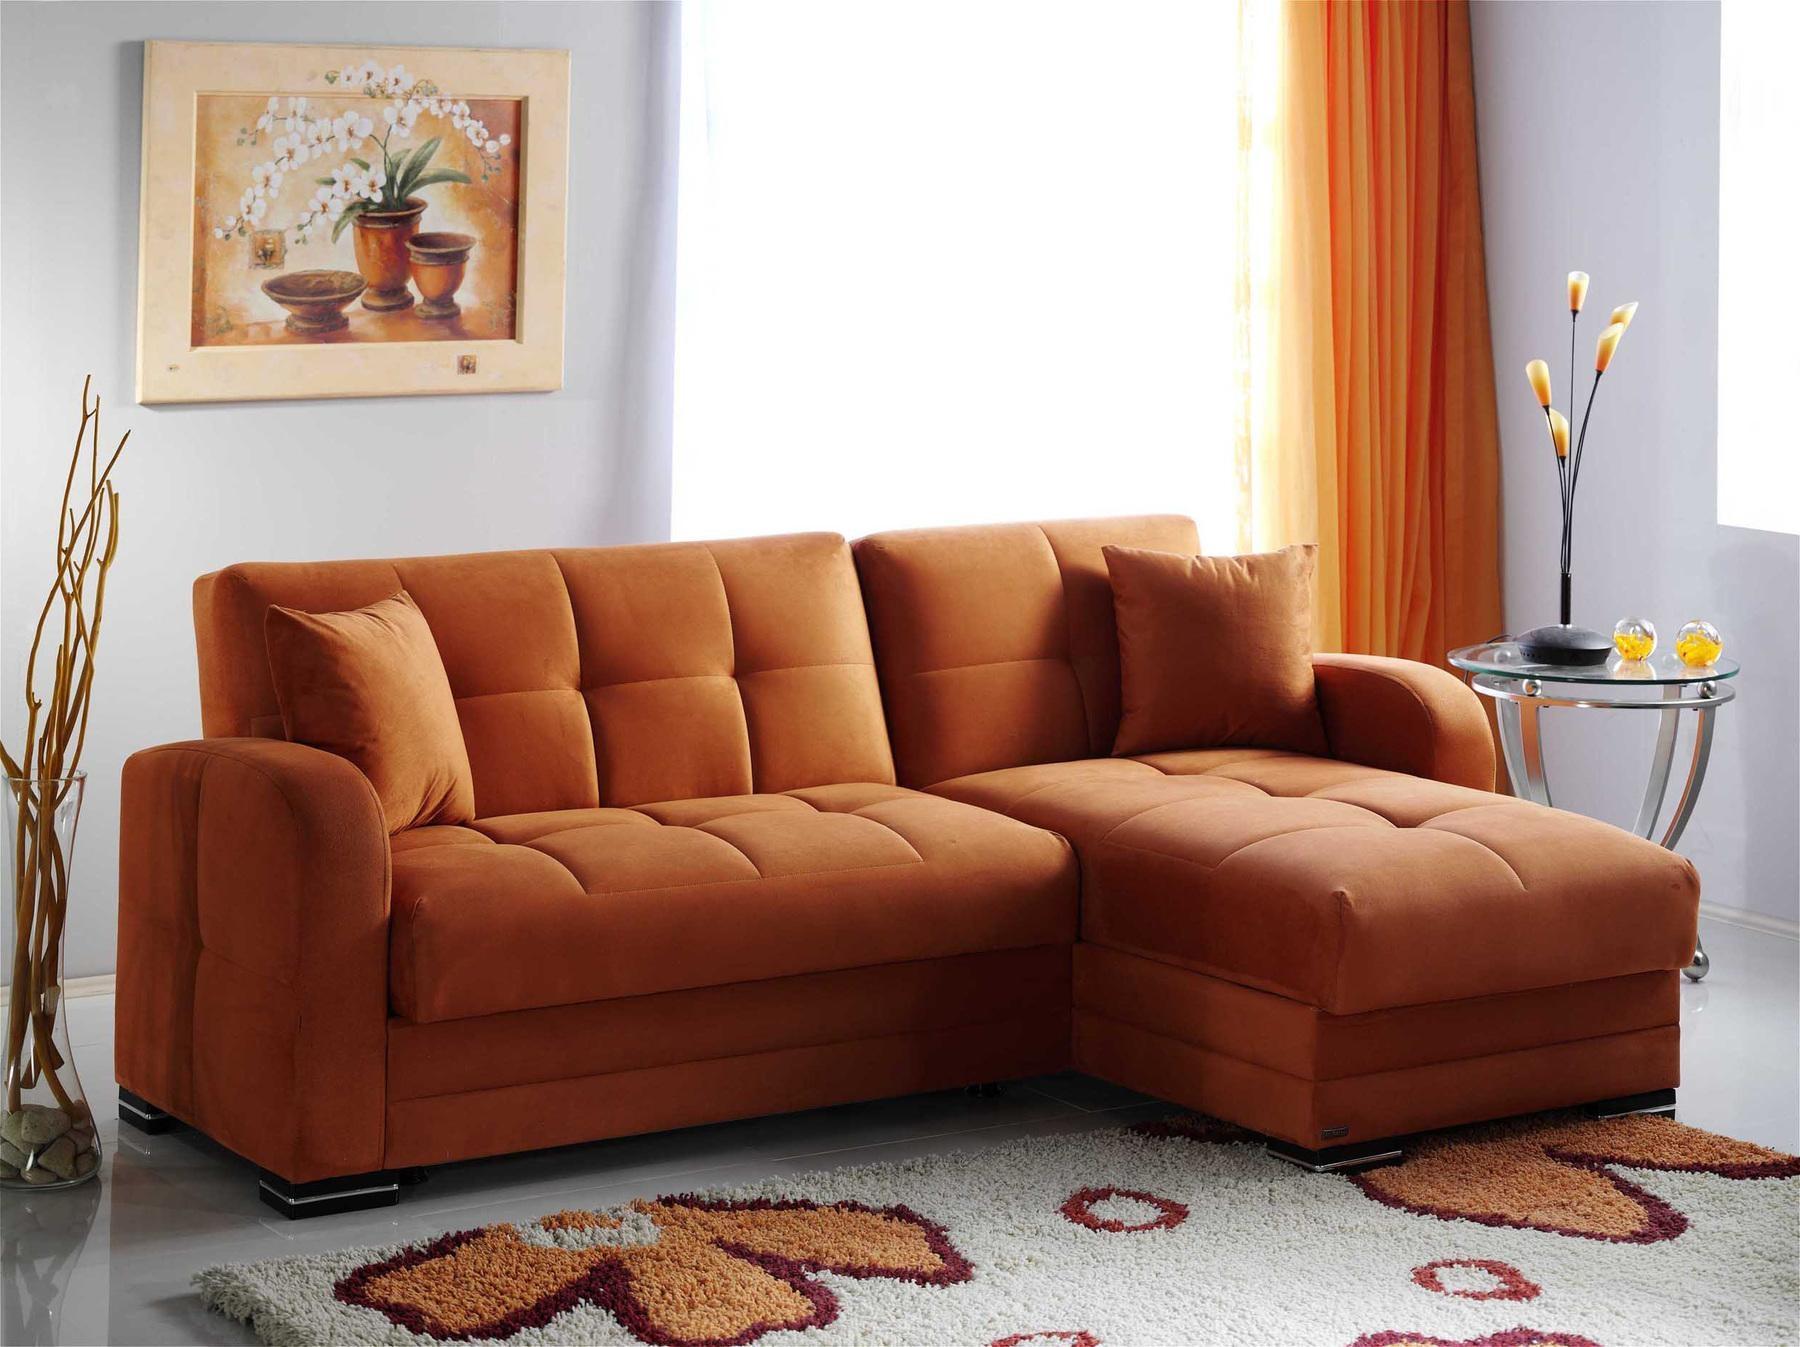 Kubo Orange Rf Sectional Sofa Su-Kubo Sunset Furniture Sectional regarding Orange Sectional Sofas